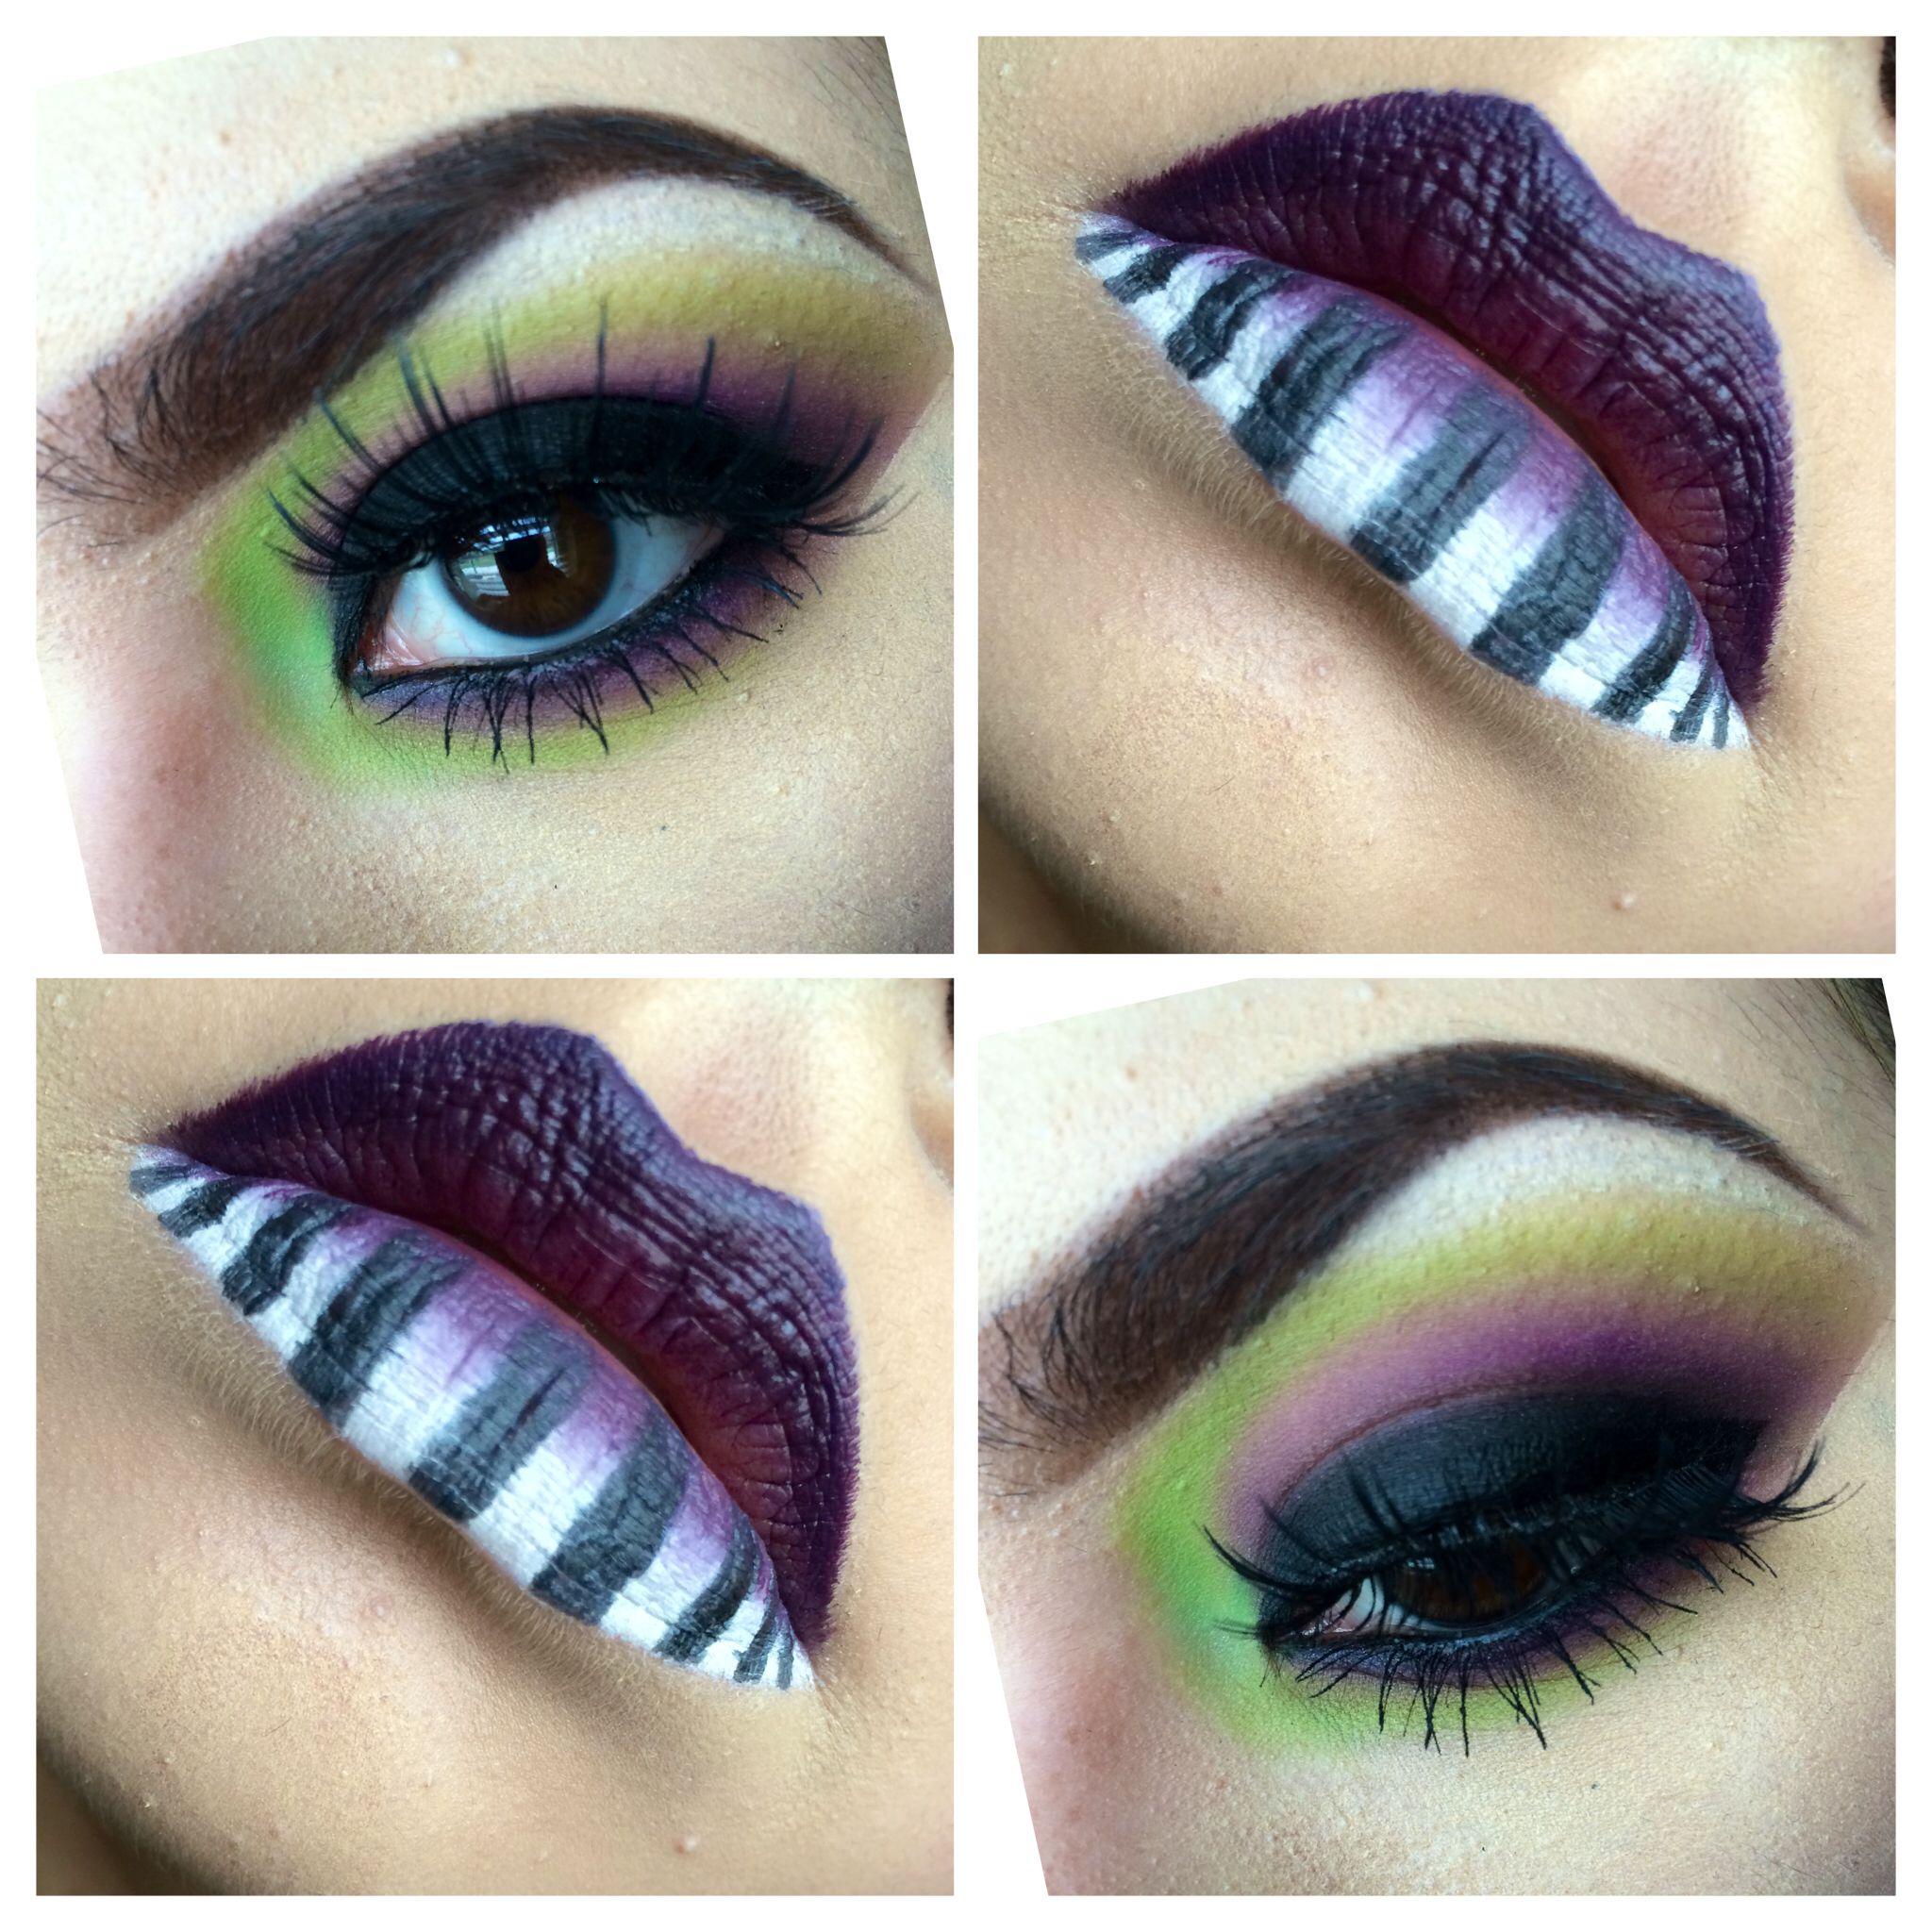 My Beetlejuice Inspired Makeup. #Makeup #MUA #Beetlejuice